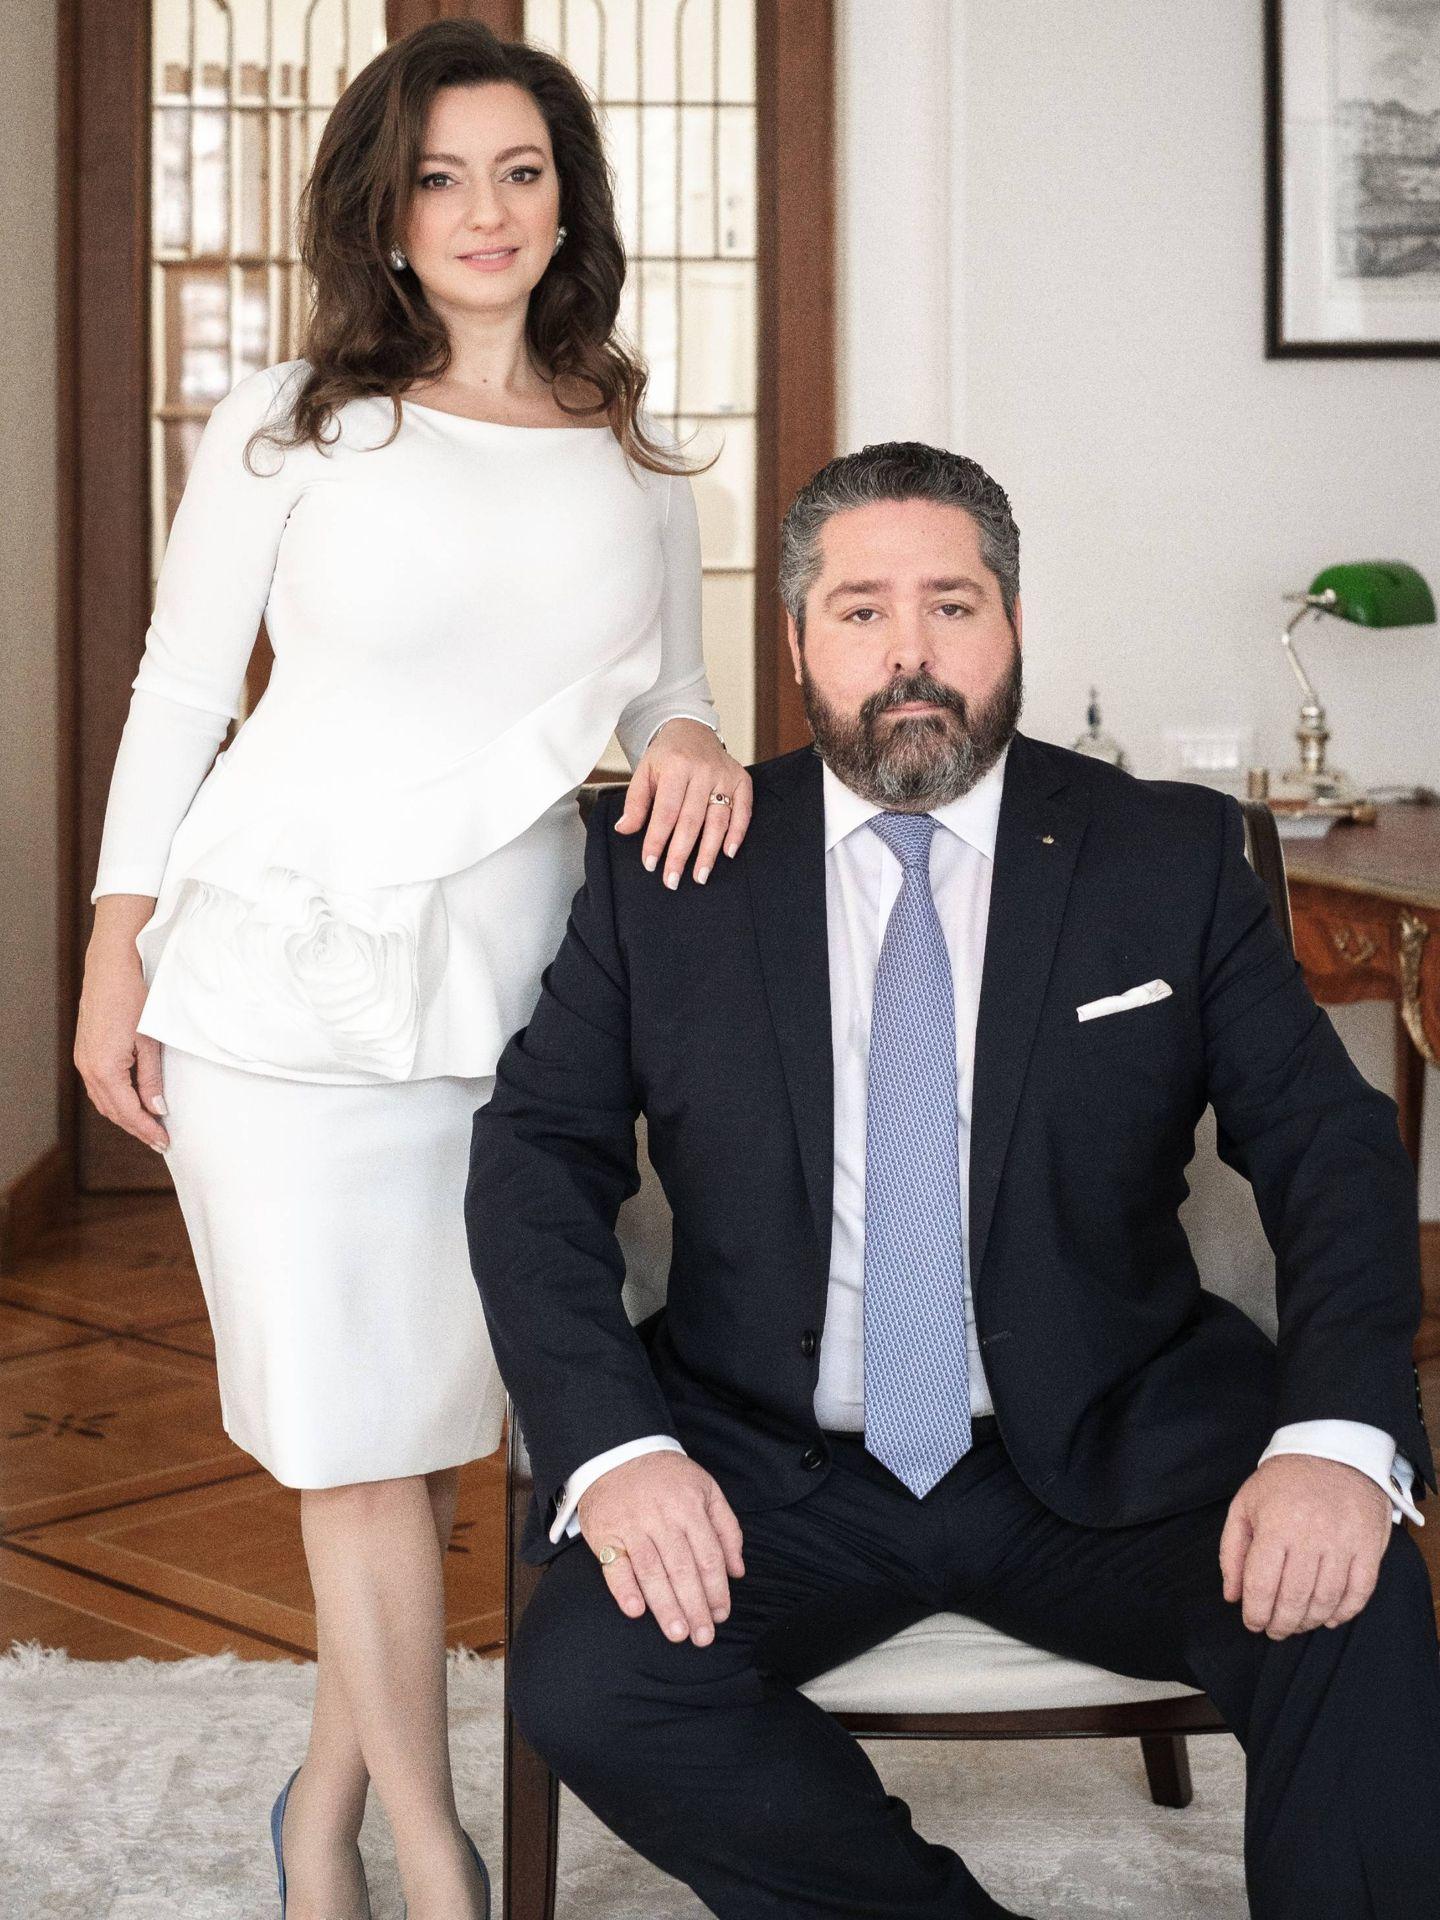 El gran duque Jorge de Rusia y Rebecca Bettarini, en una imagen de su posado oficial. (Foto: Cancillería de la Casa Imperial de Rusia)